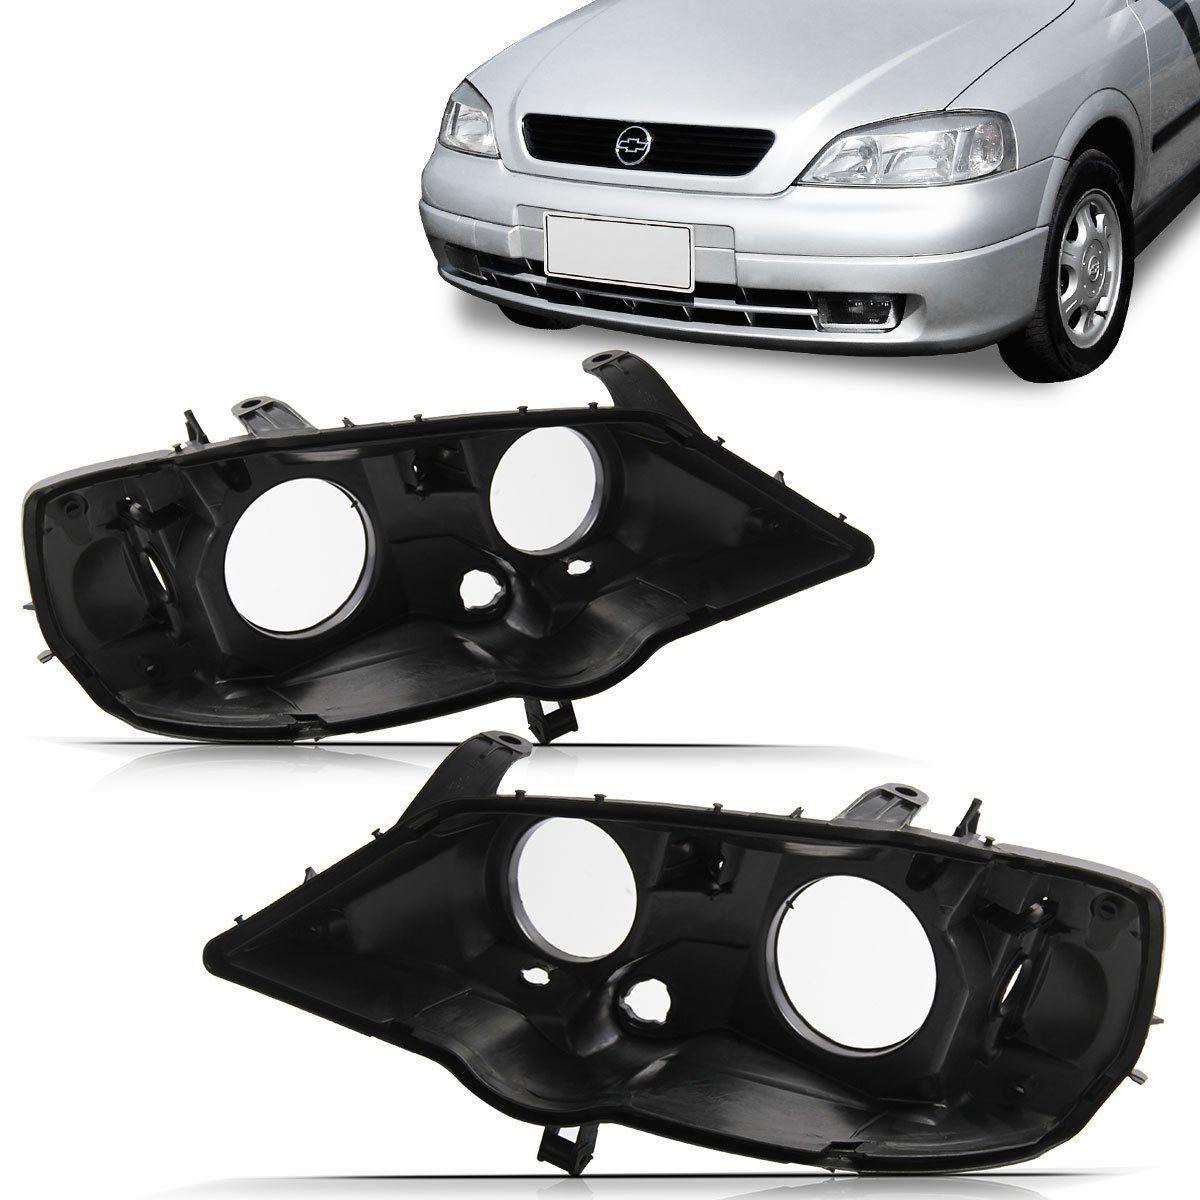 Carcaça Farol Astra 98 99 2000 2001 2002 Foco Duplo